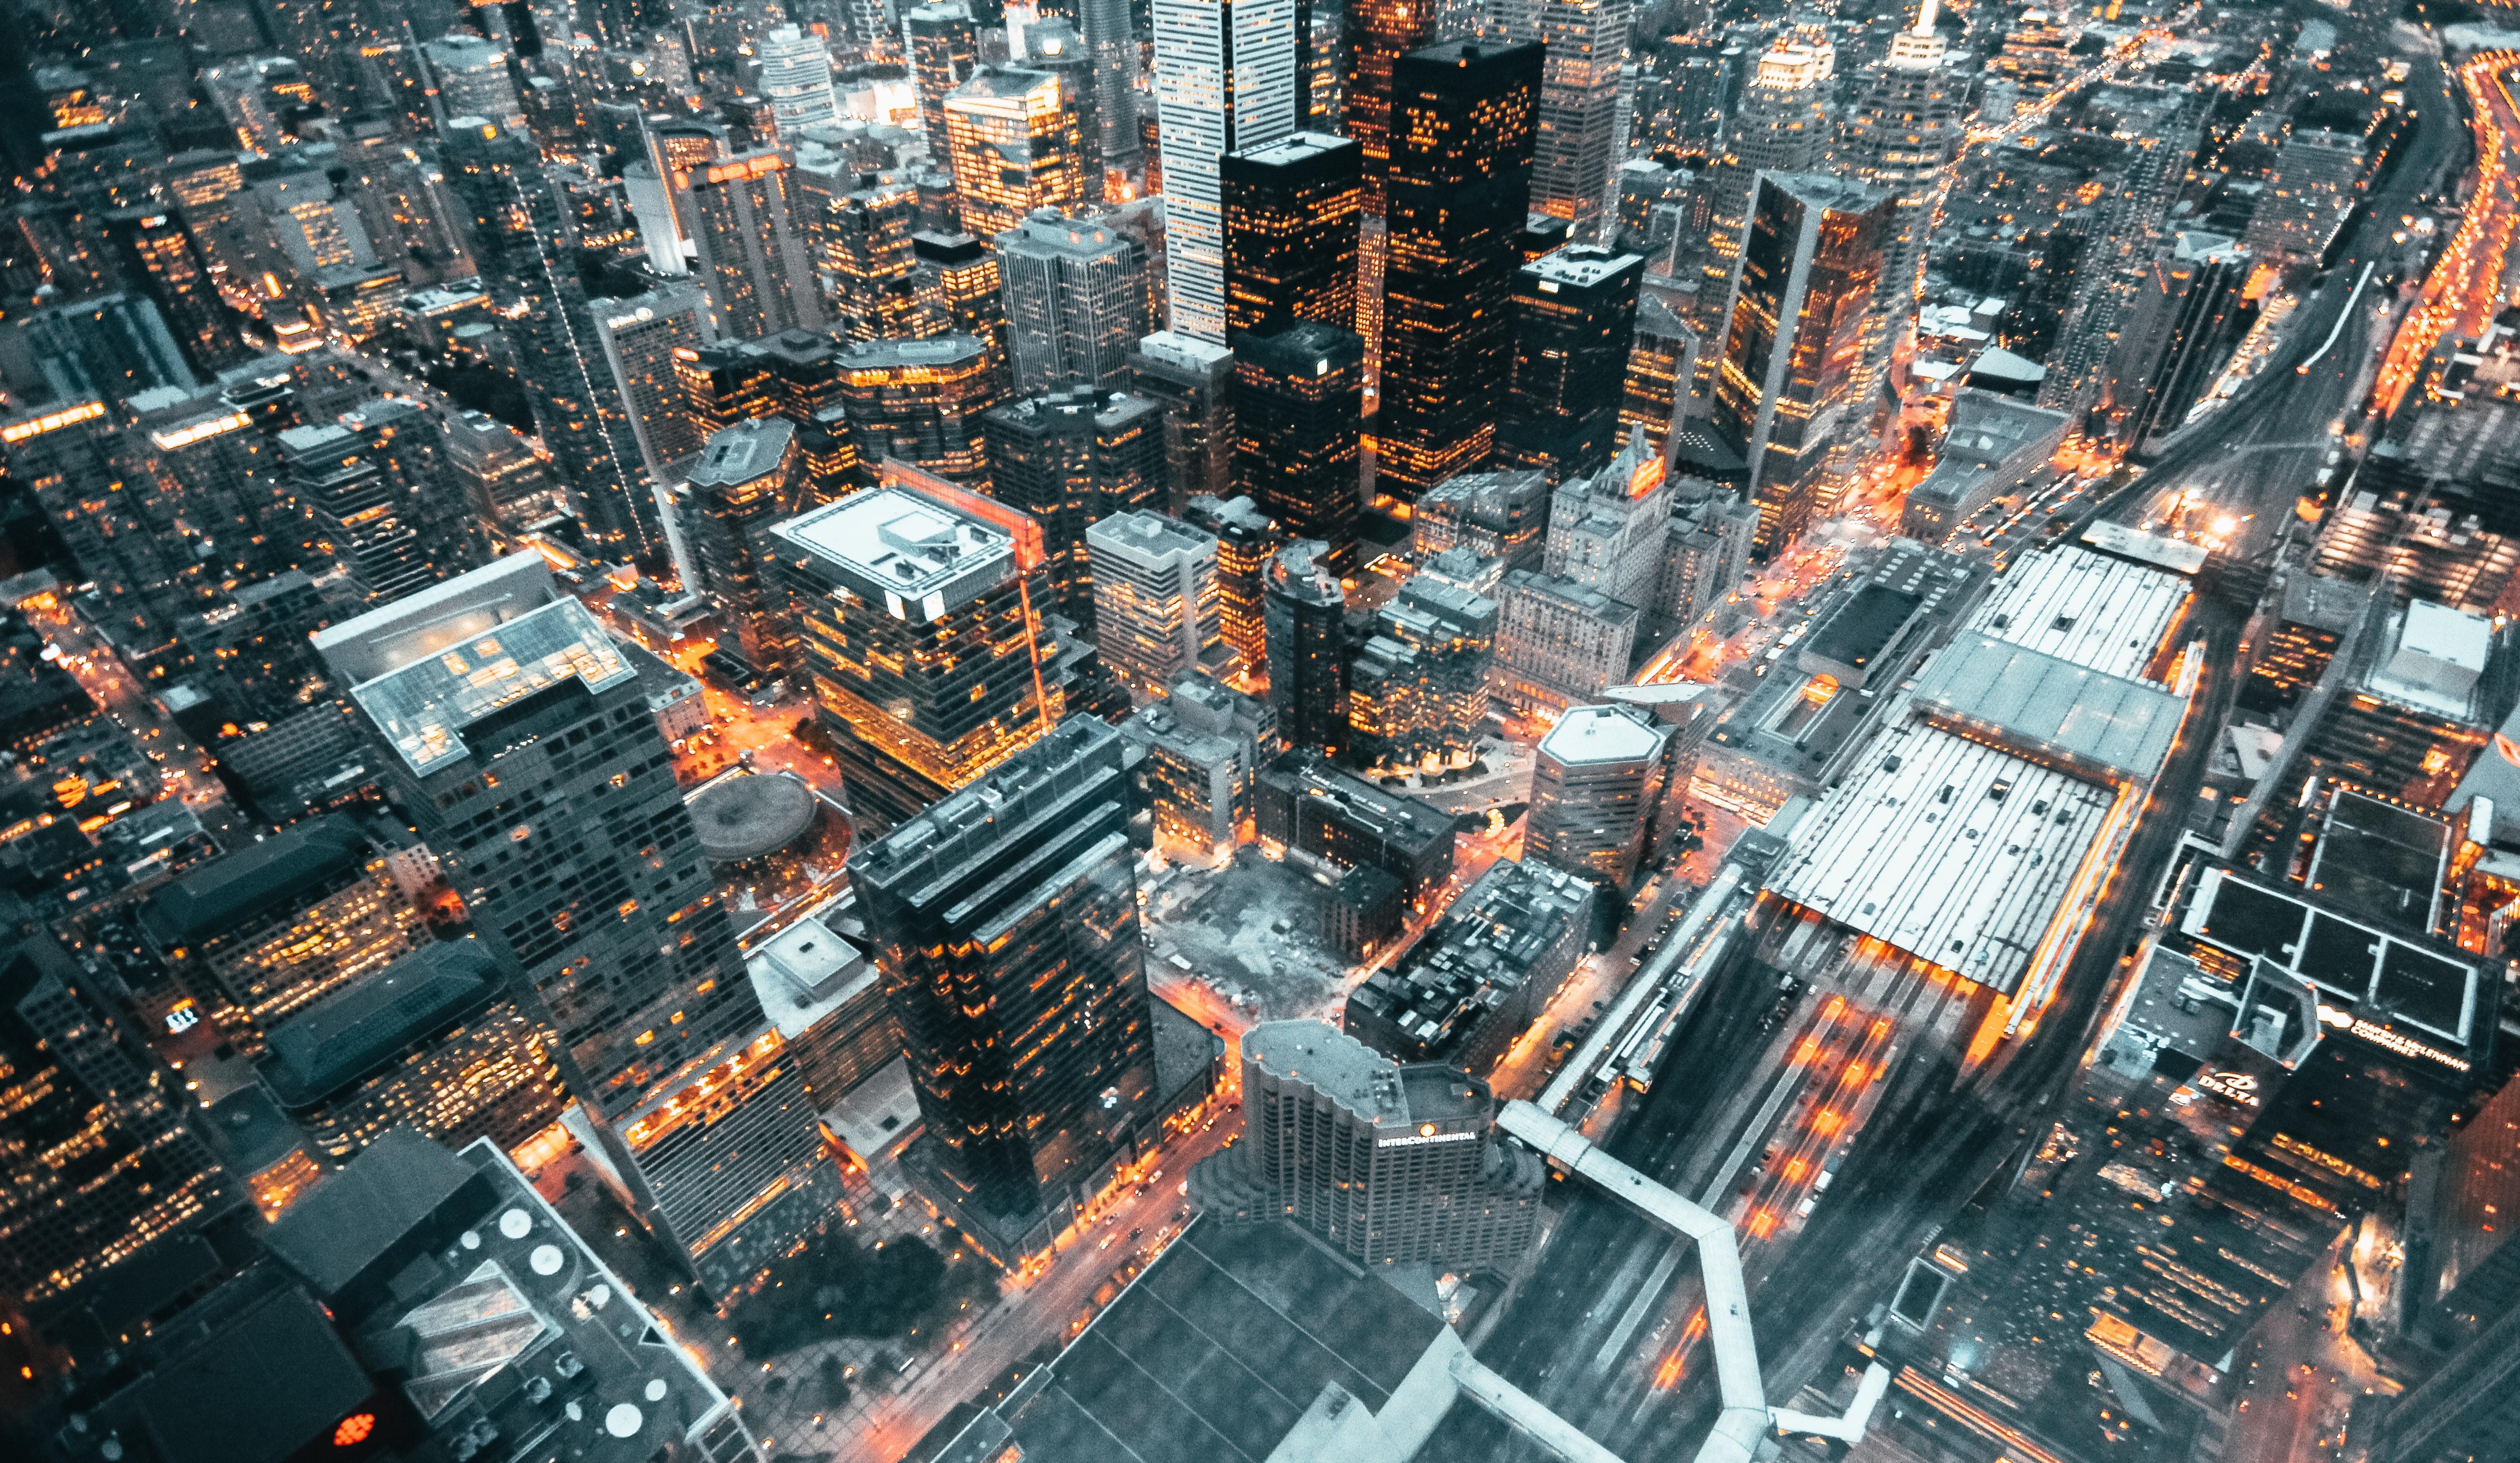 El crecimiento de las ciudades tras el Covid-19